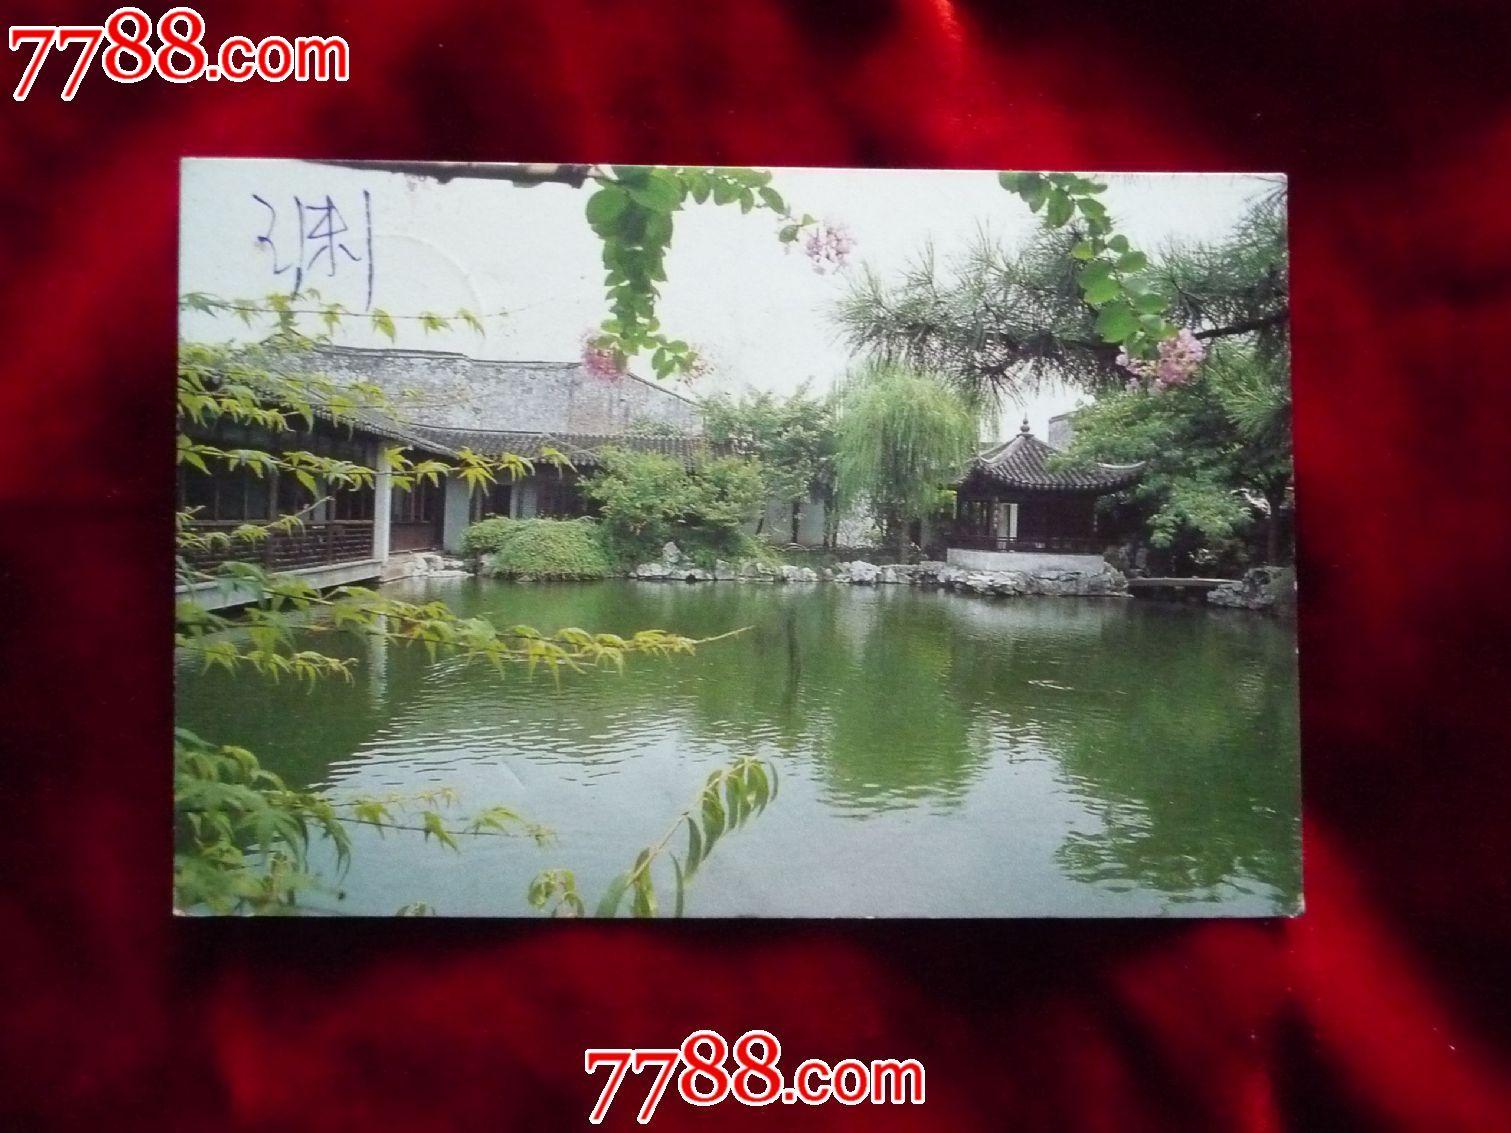 苏州古城,明信片,江苏苏州郭巷邮戳(正面左上角有字)